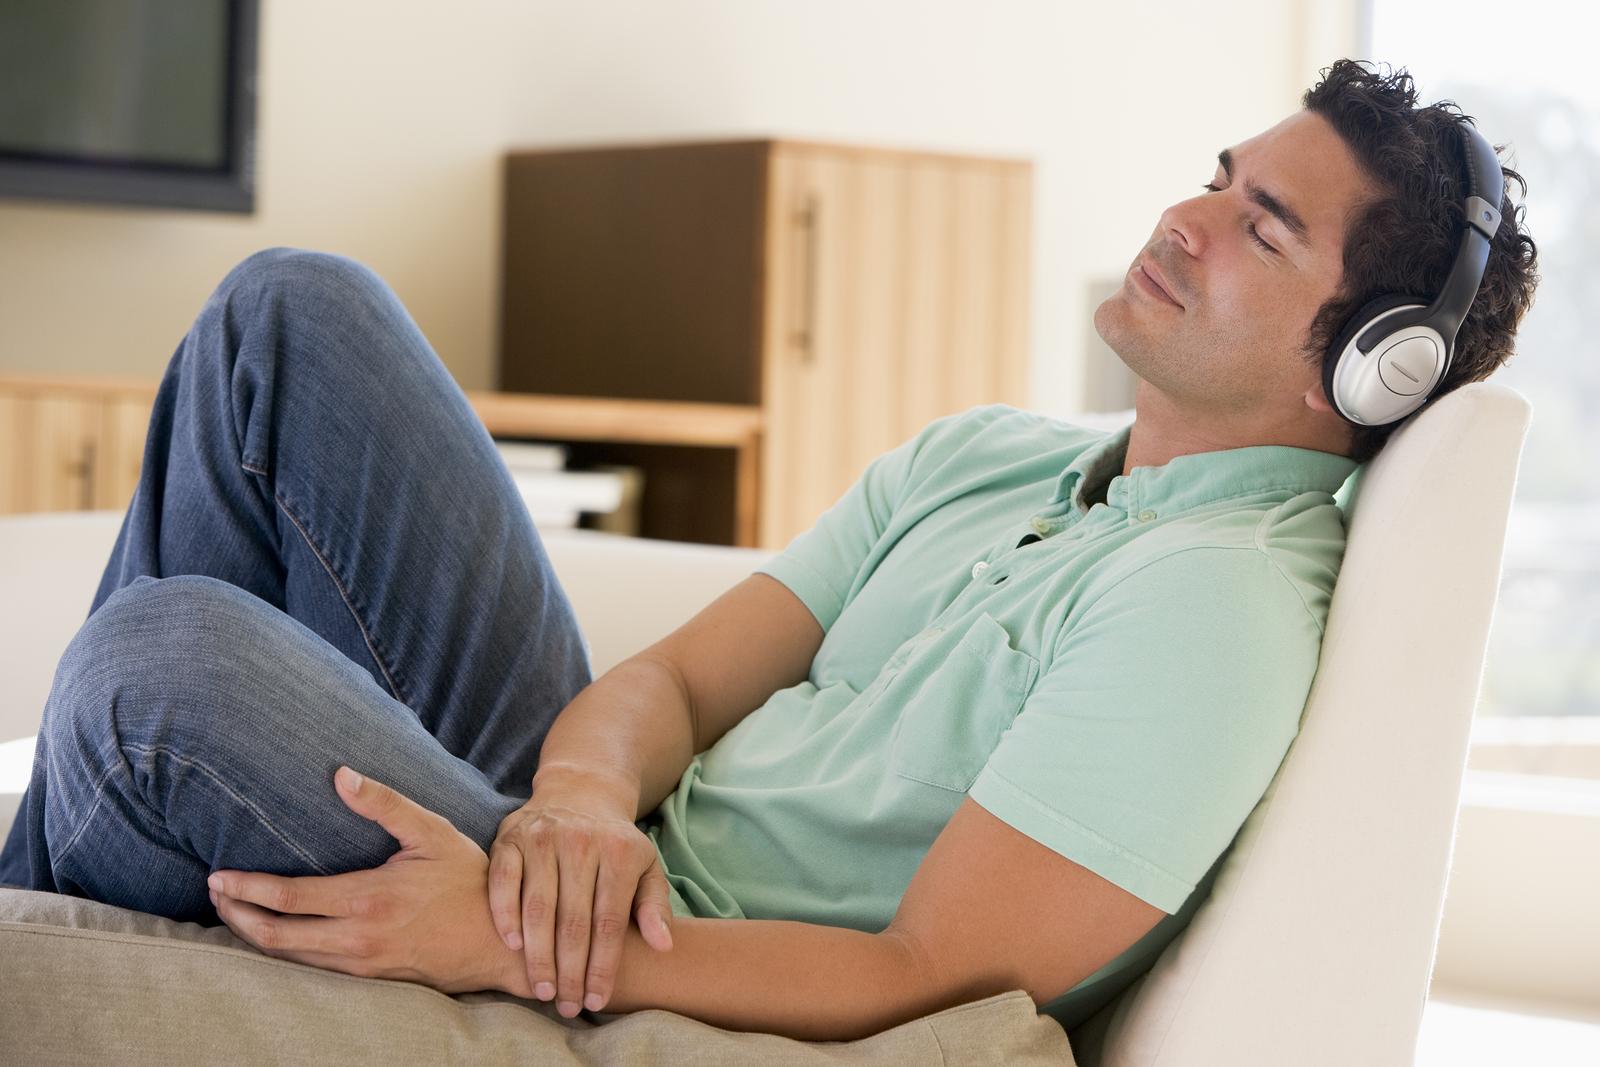 картинка слушаю музыку и представляю себя лежит мужик с румянцем